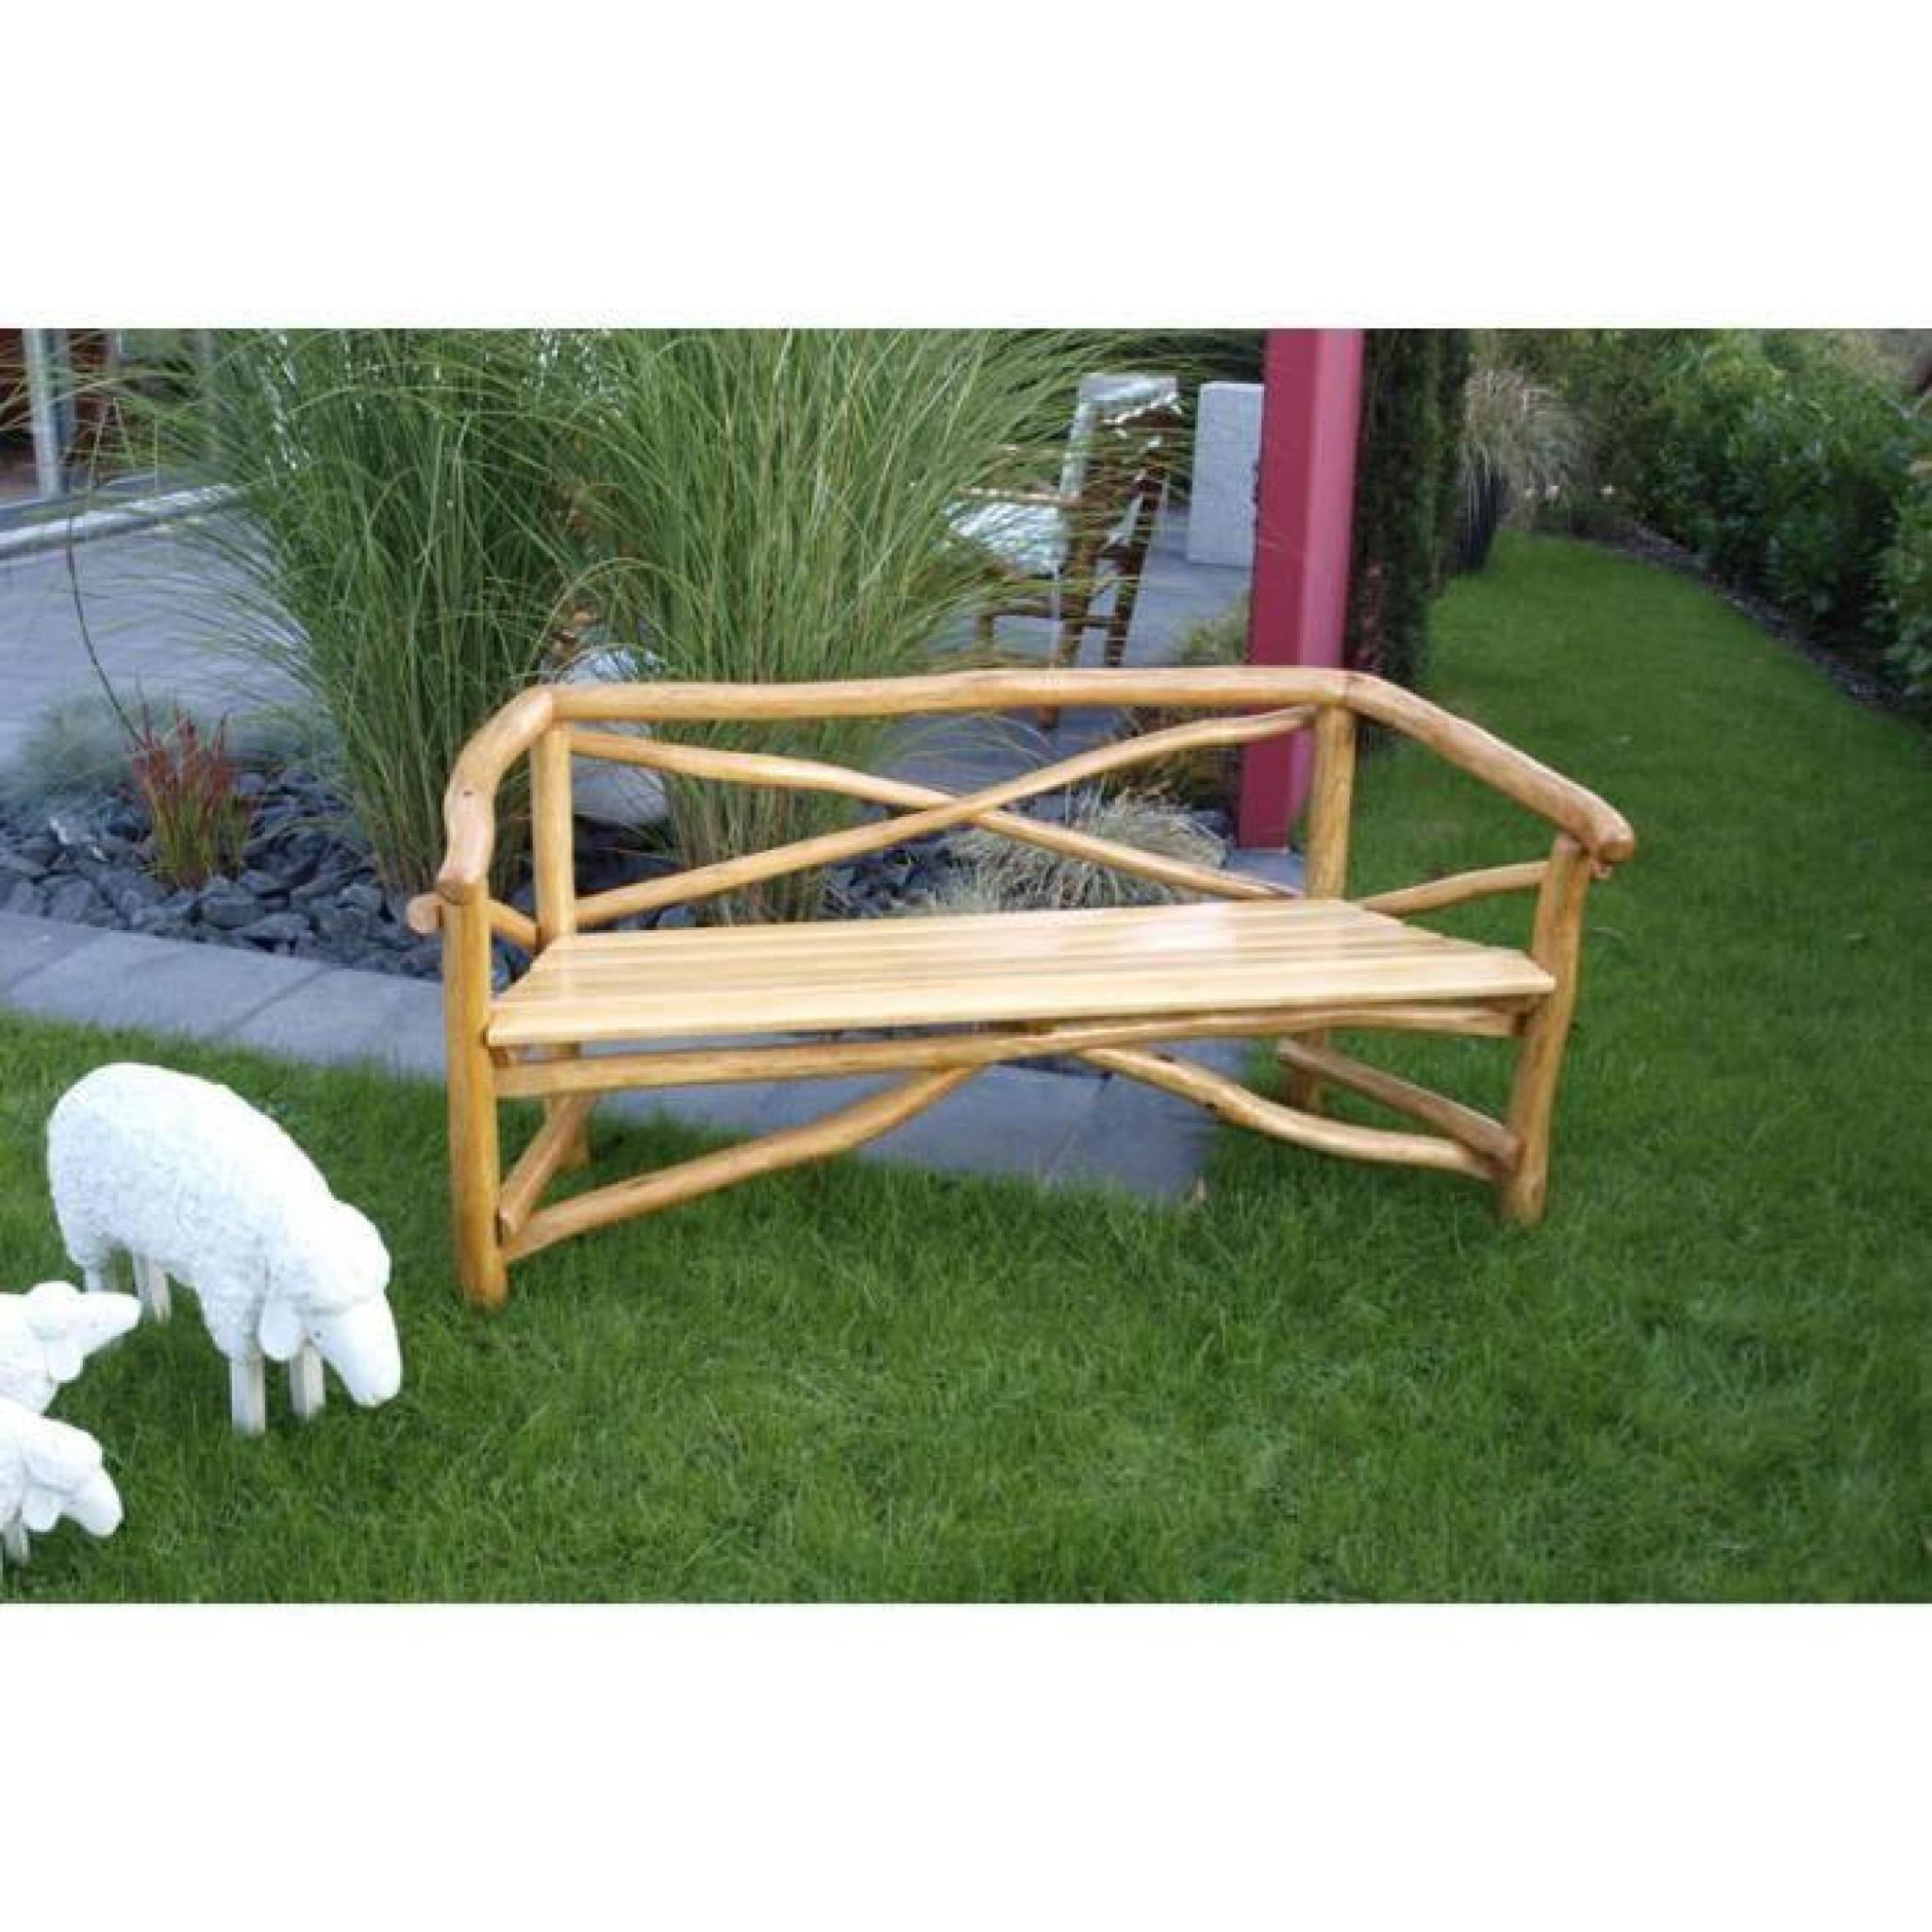 banc banquette 3 places salon de jardin bois ch ne clair. Black Bedroom Furniture Sets. Home Design Ideas